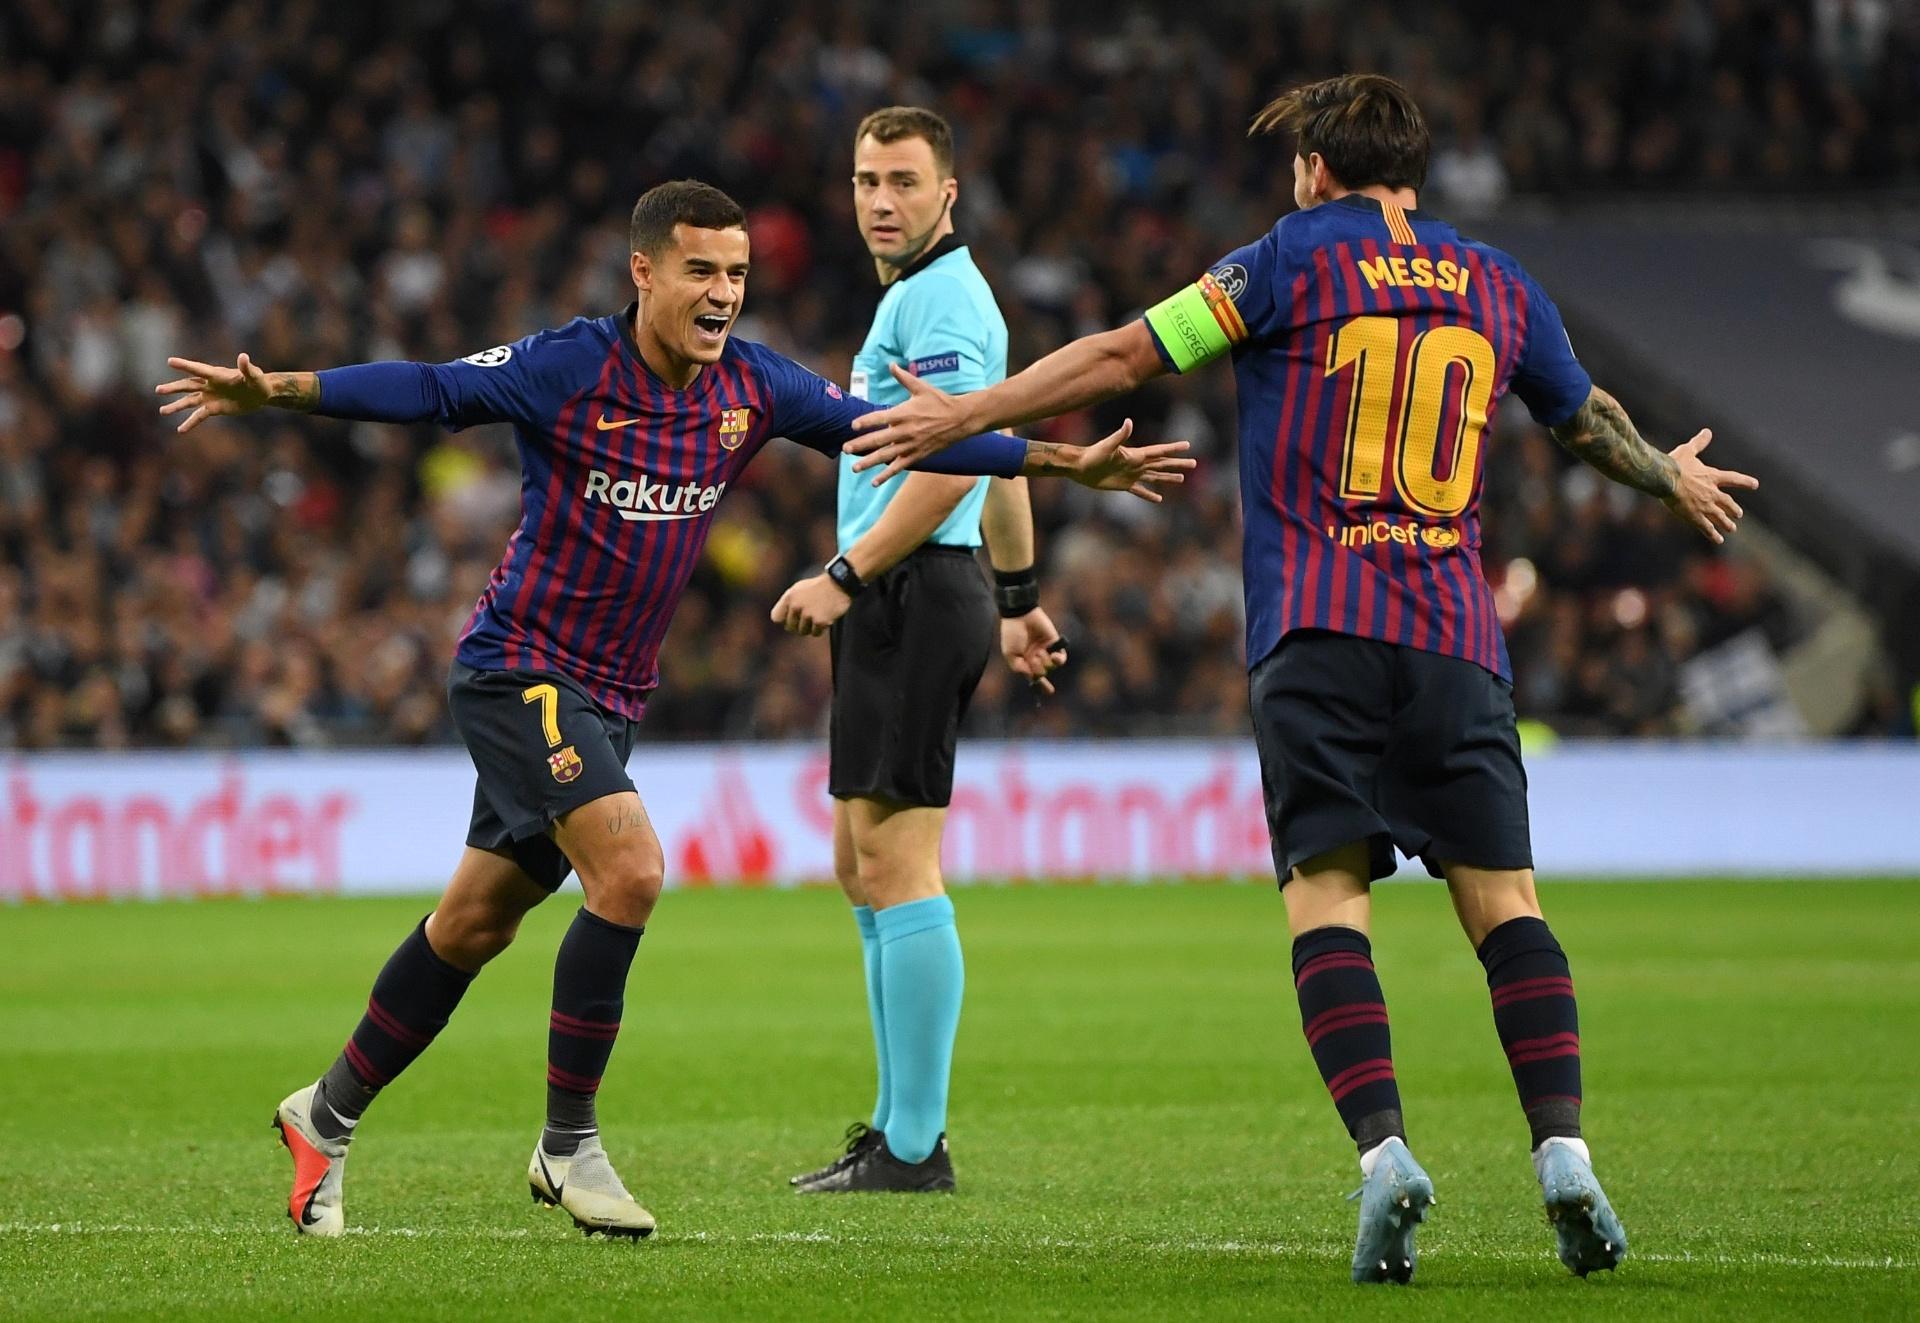 Coutinho volta a treinar e pode reforçar Barça diante do Atlético de Madri  - Esporte - BOL 341abd8efd233